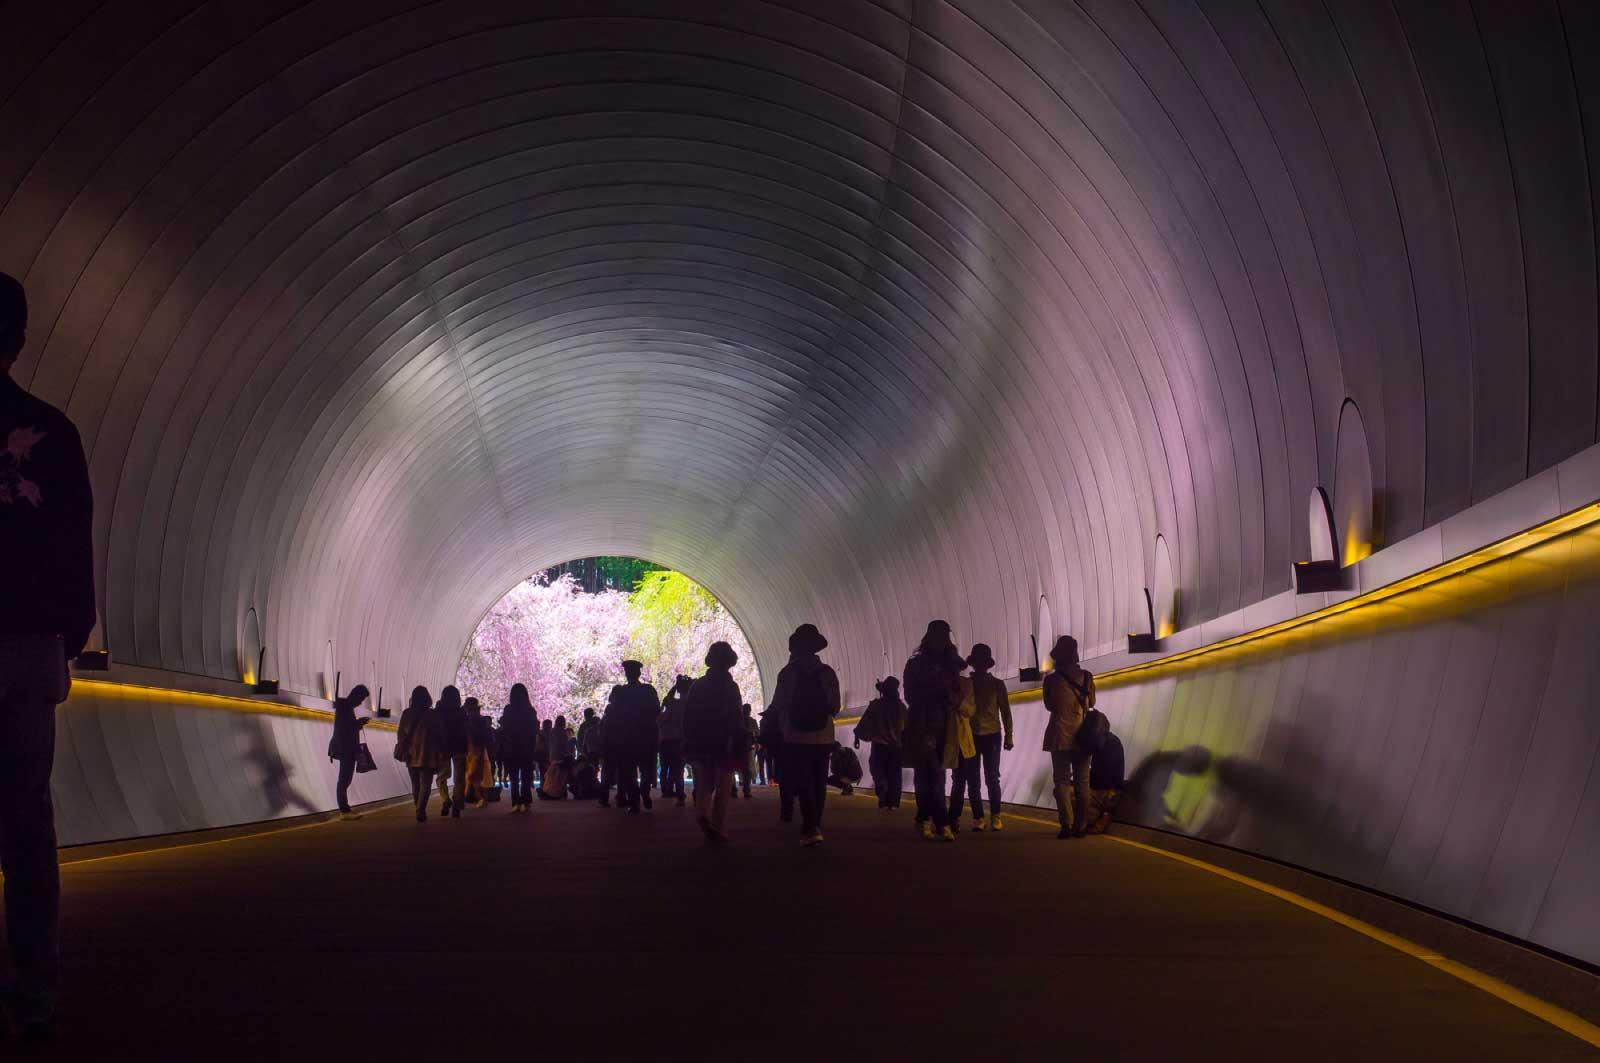 ミホミュージアムのトンネル